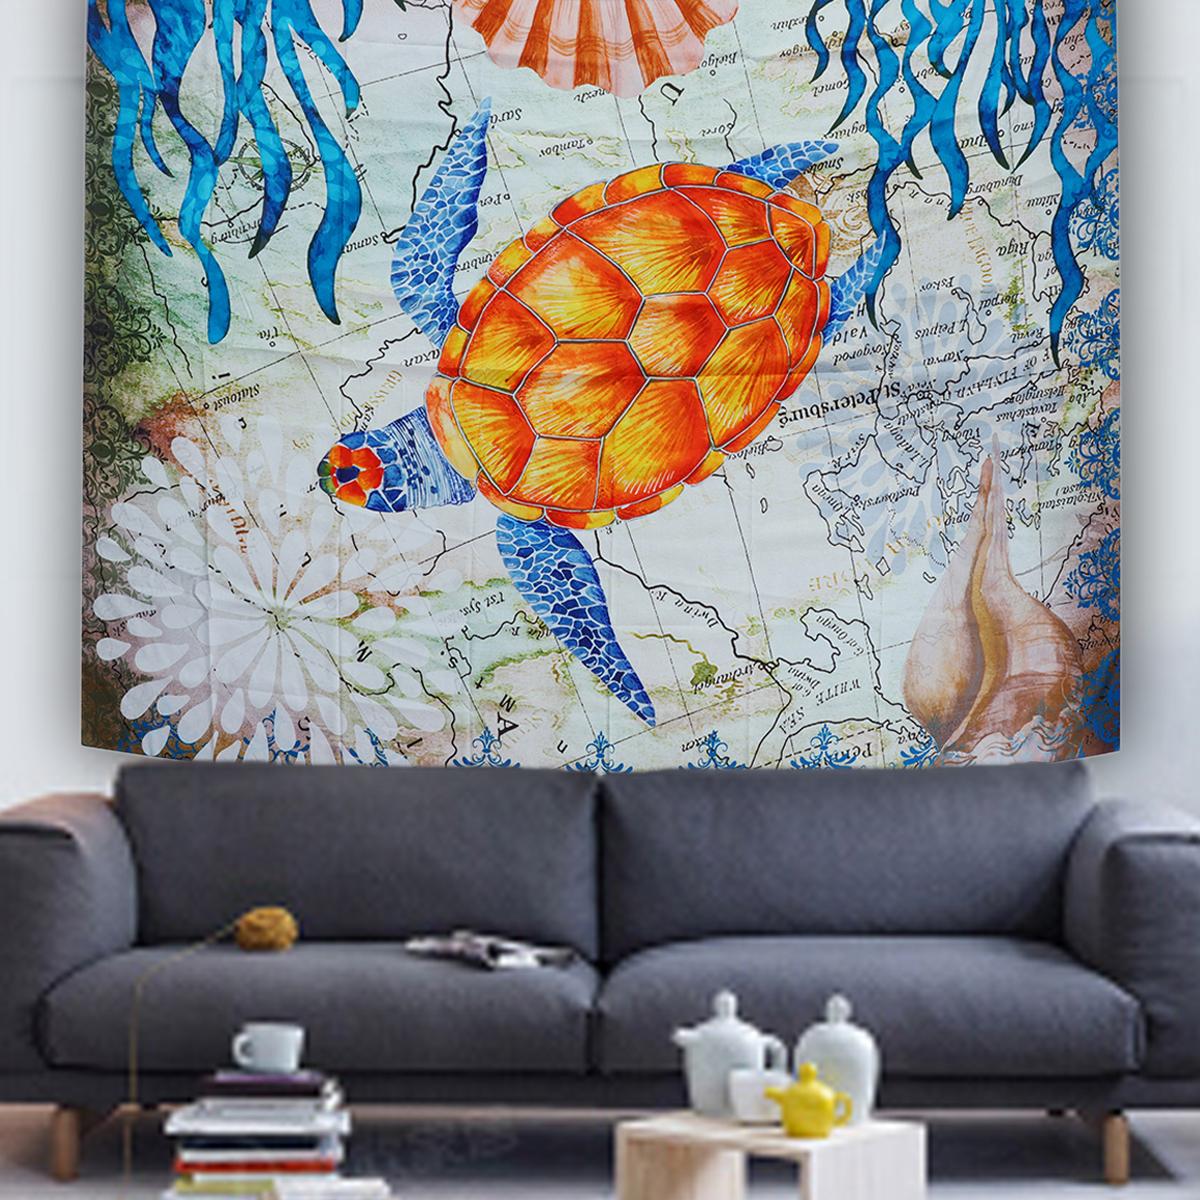 МорскаяЧерепахаПодвеснойГобеленСтеныДома Декоративные Tapete Спальня Одеяло Скатерть Yoga Мат - фото 3